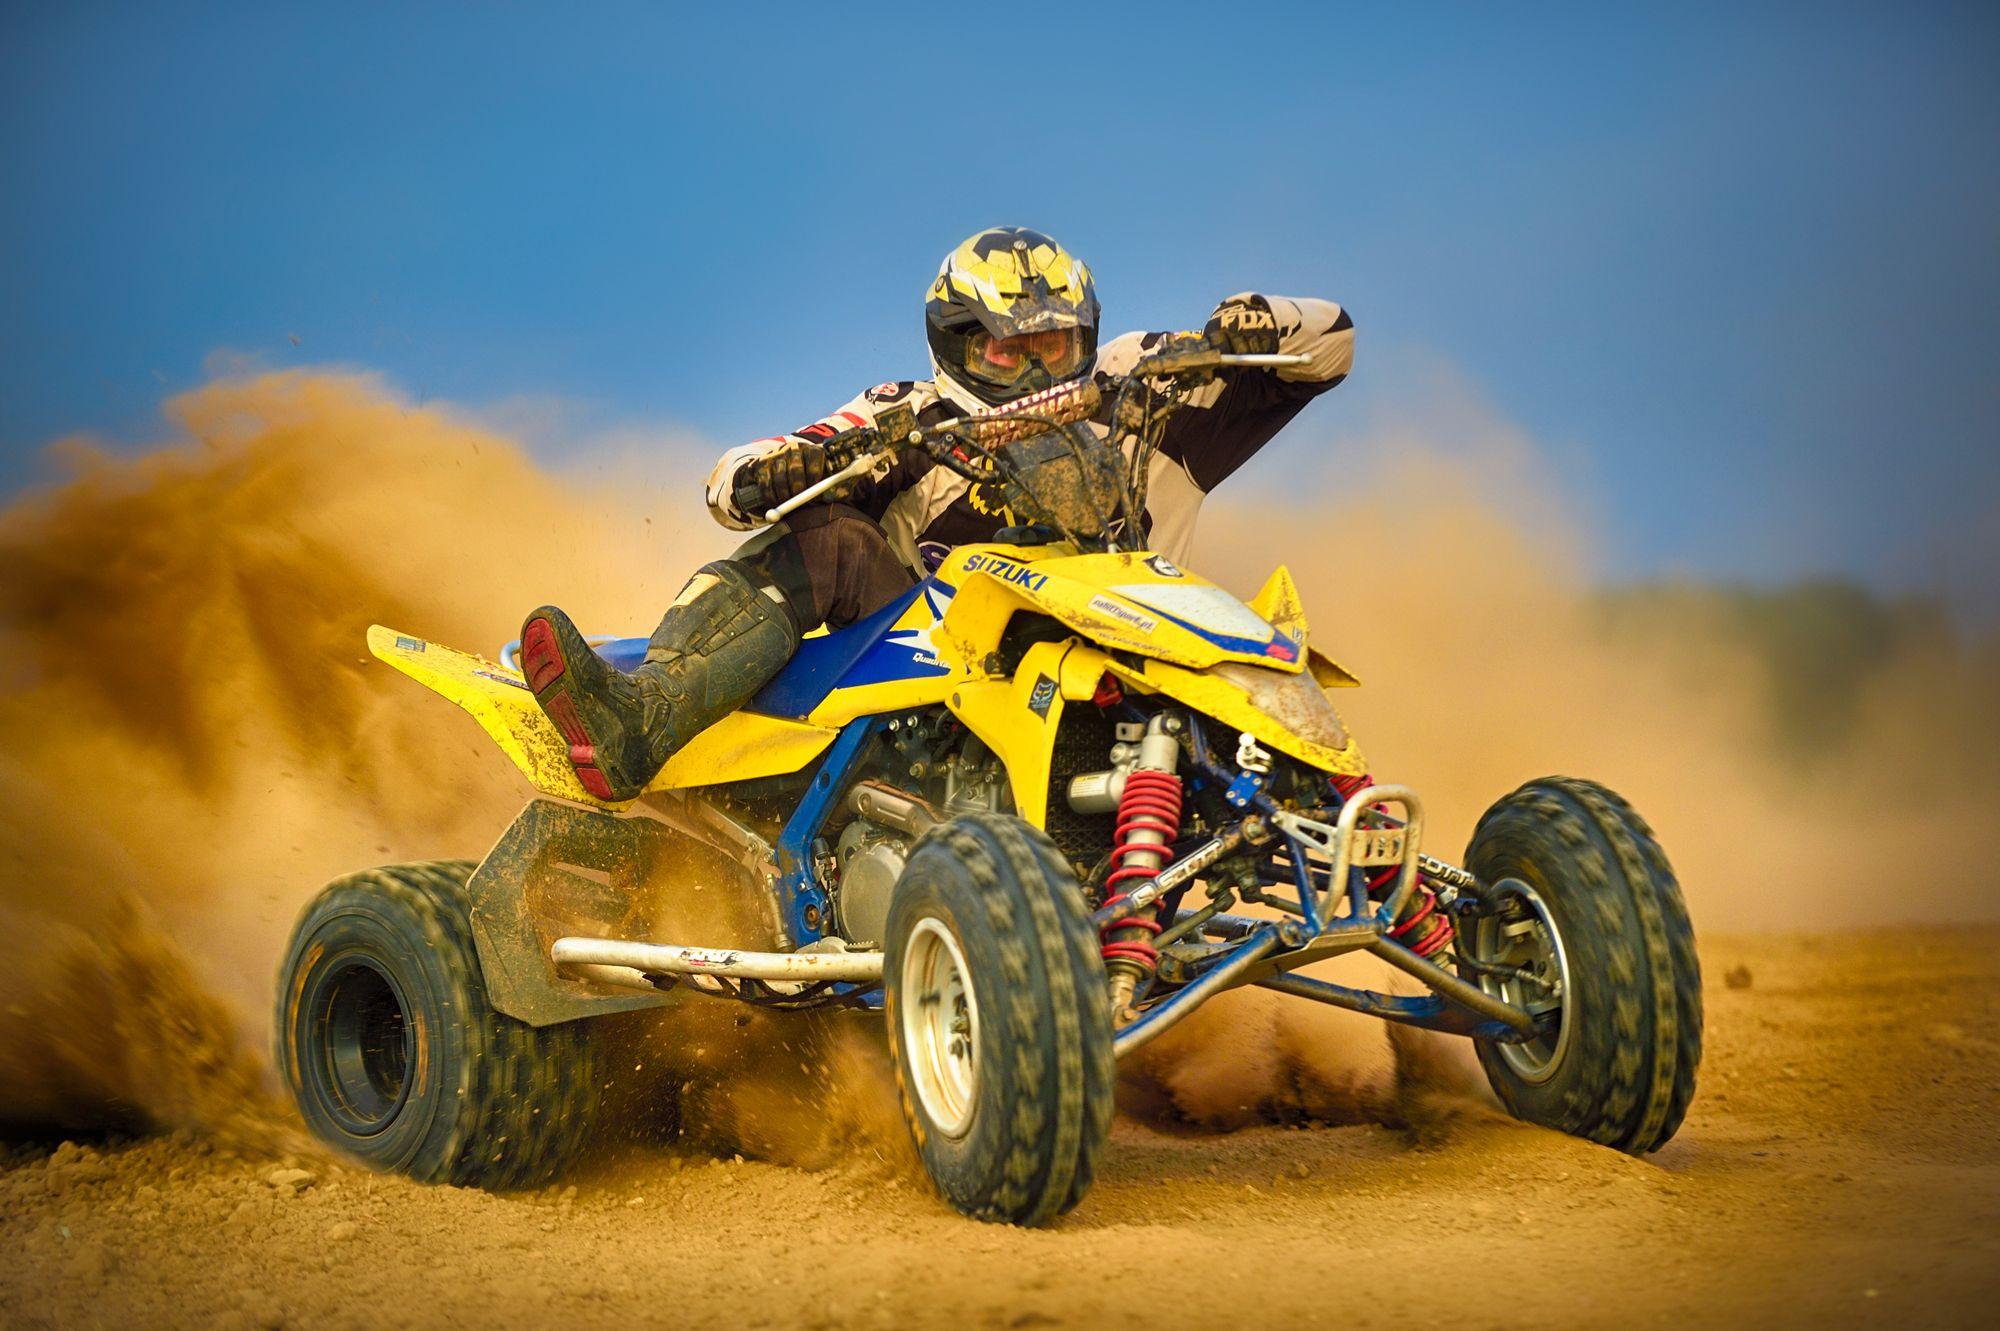 quad bike, sport, racing, sports, sand, dust, Hudzik Roman